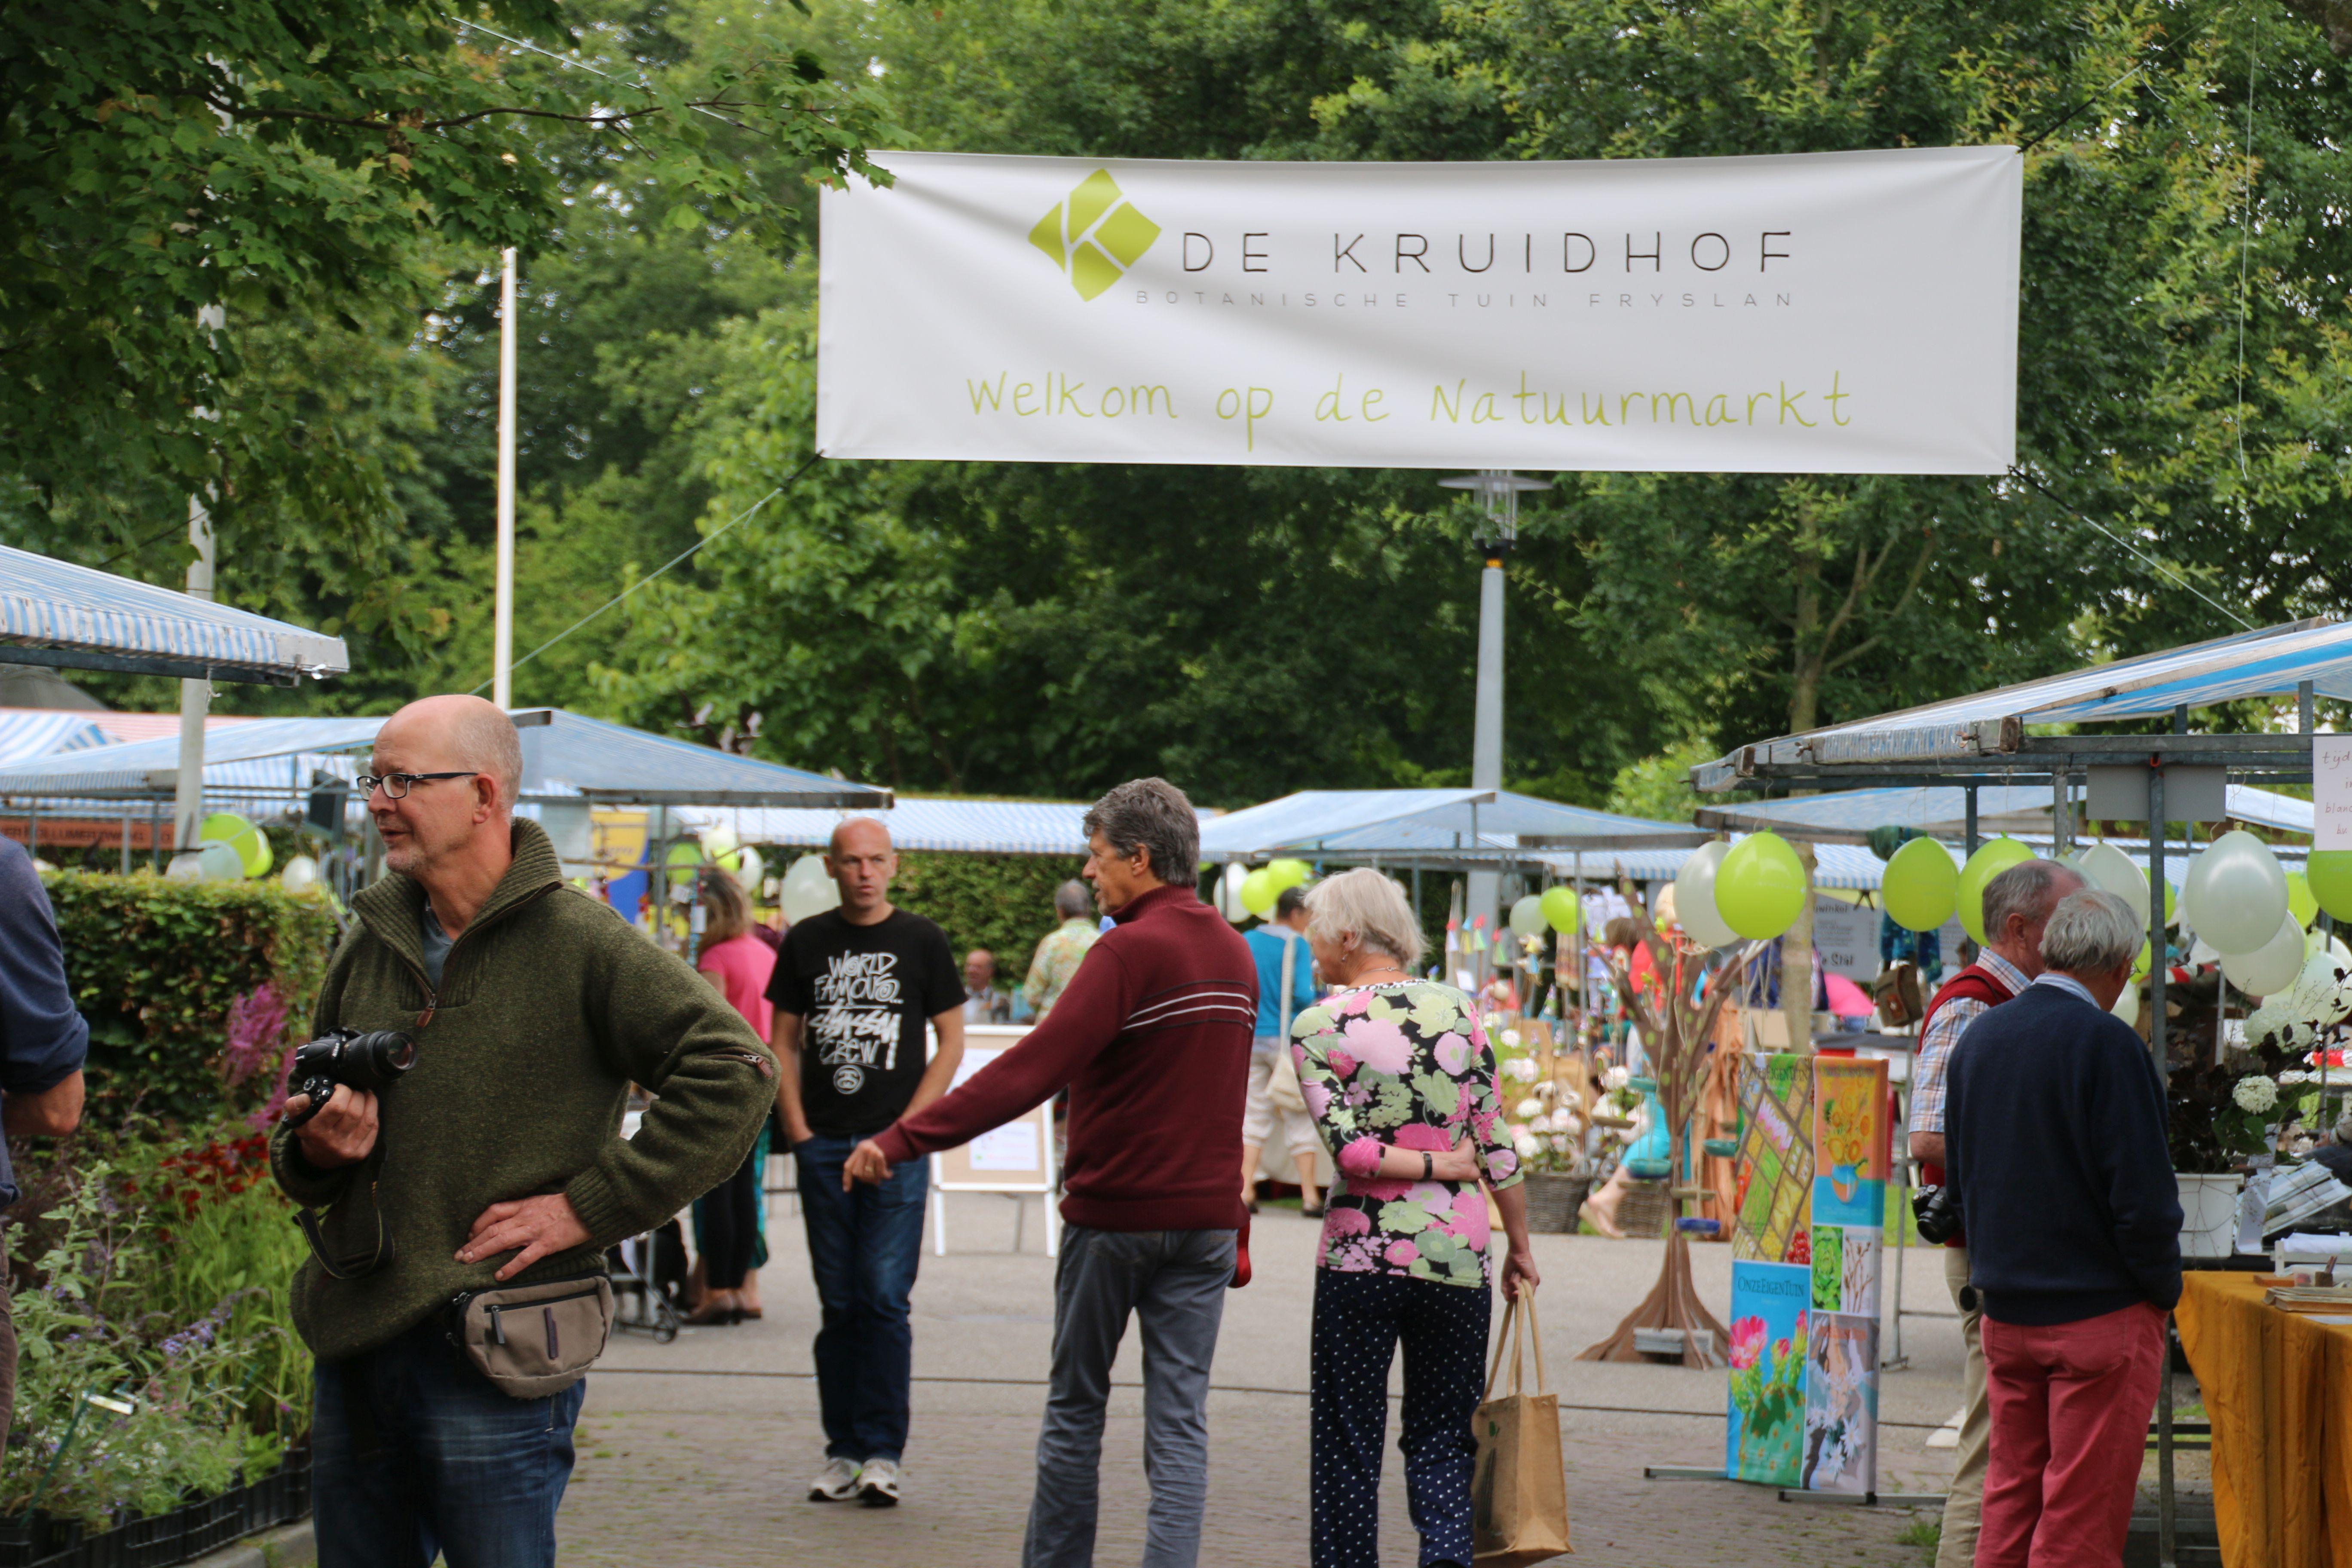 Natuurmarkt en open dag De Kruidhof - GEANNULEERD